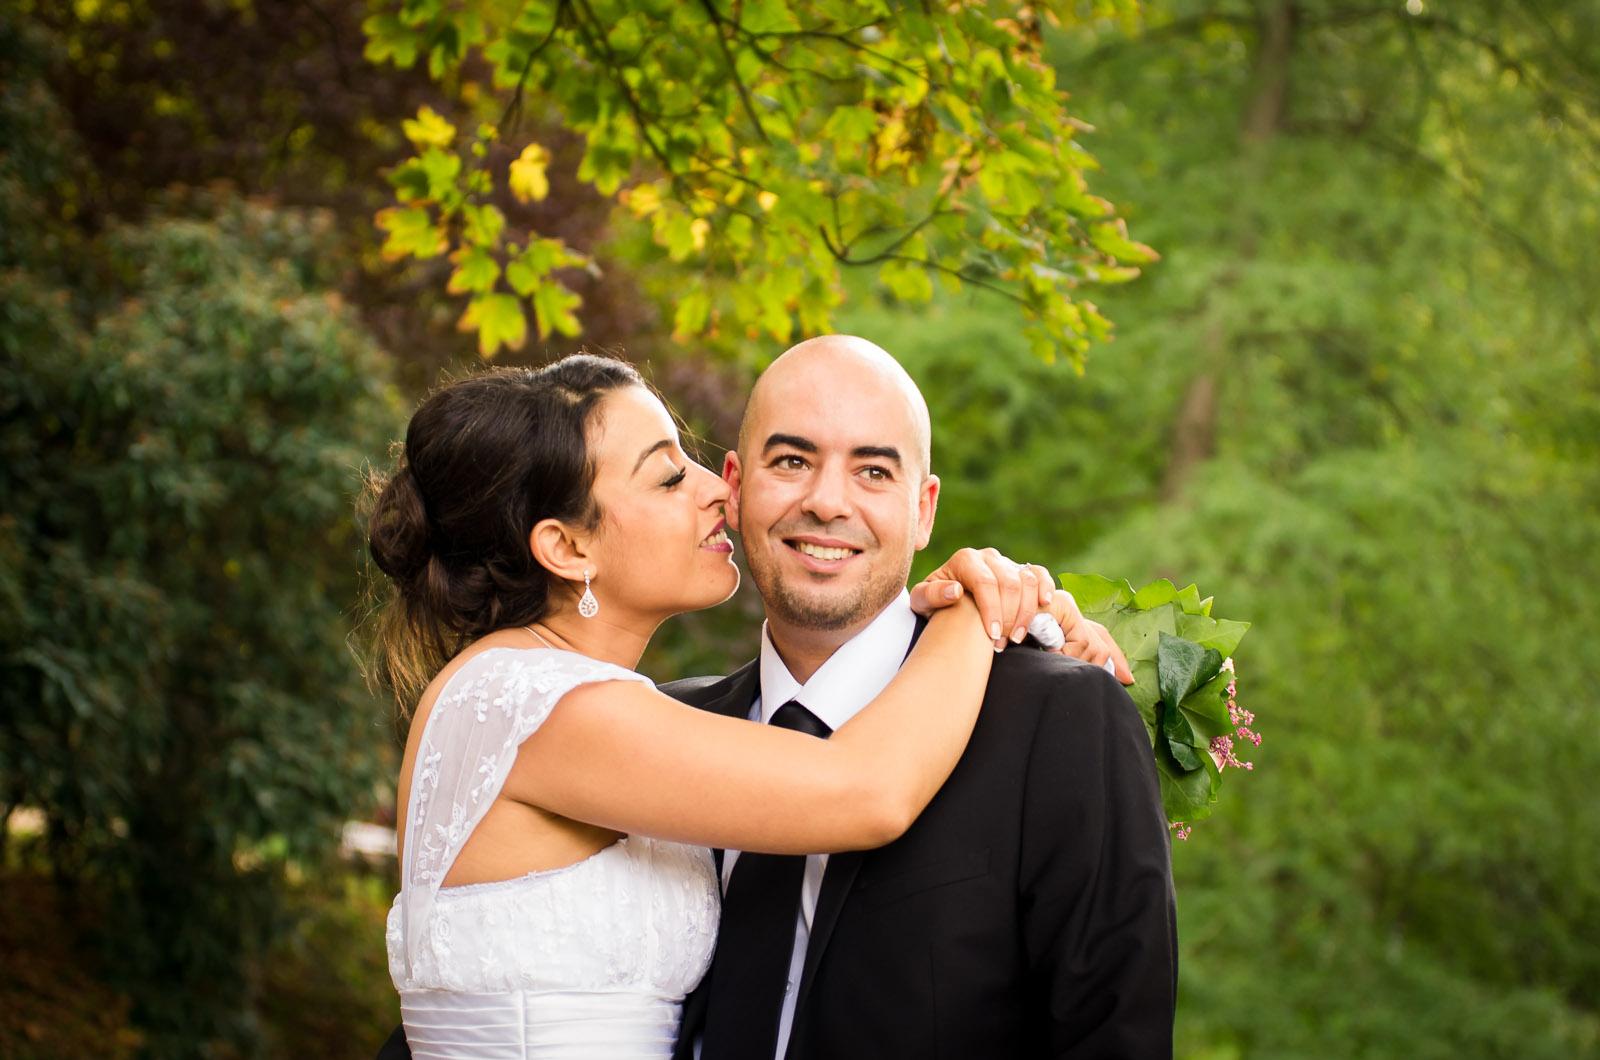 Photographier le mariage familiale d'un très beau couple